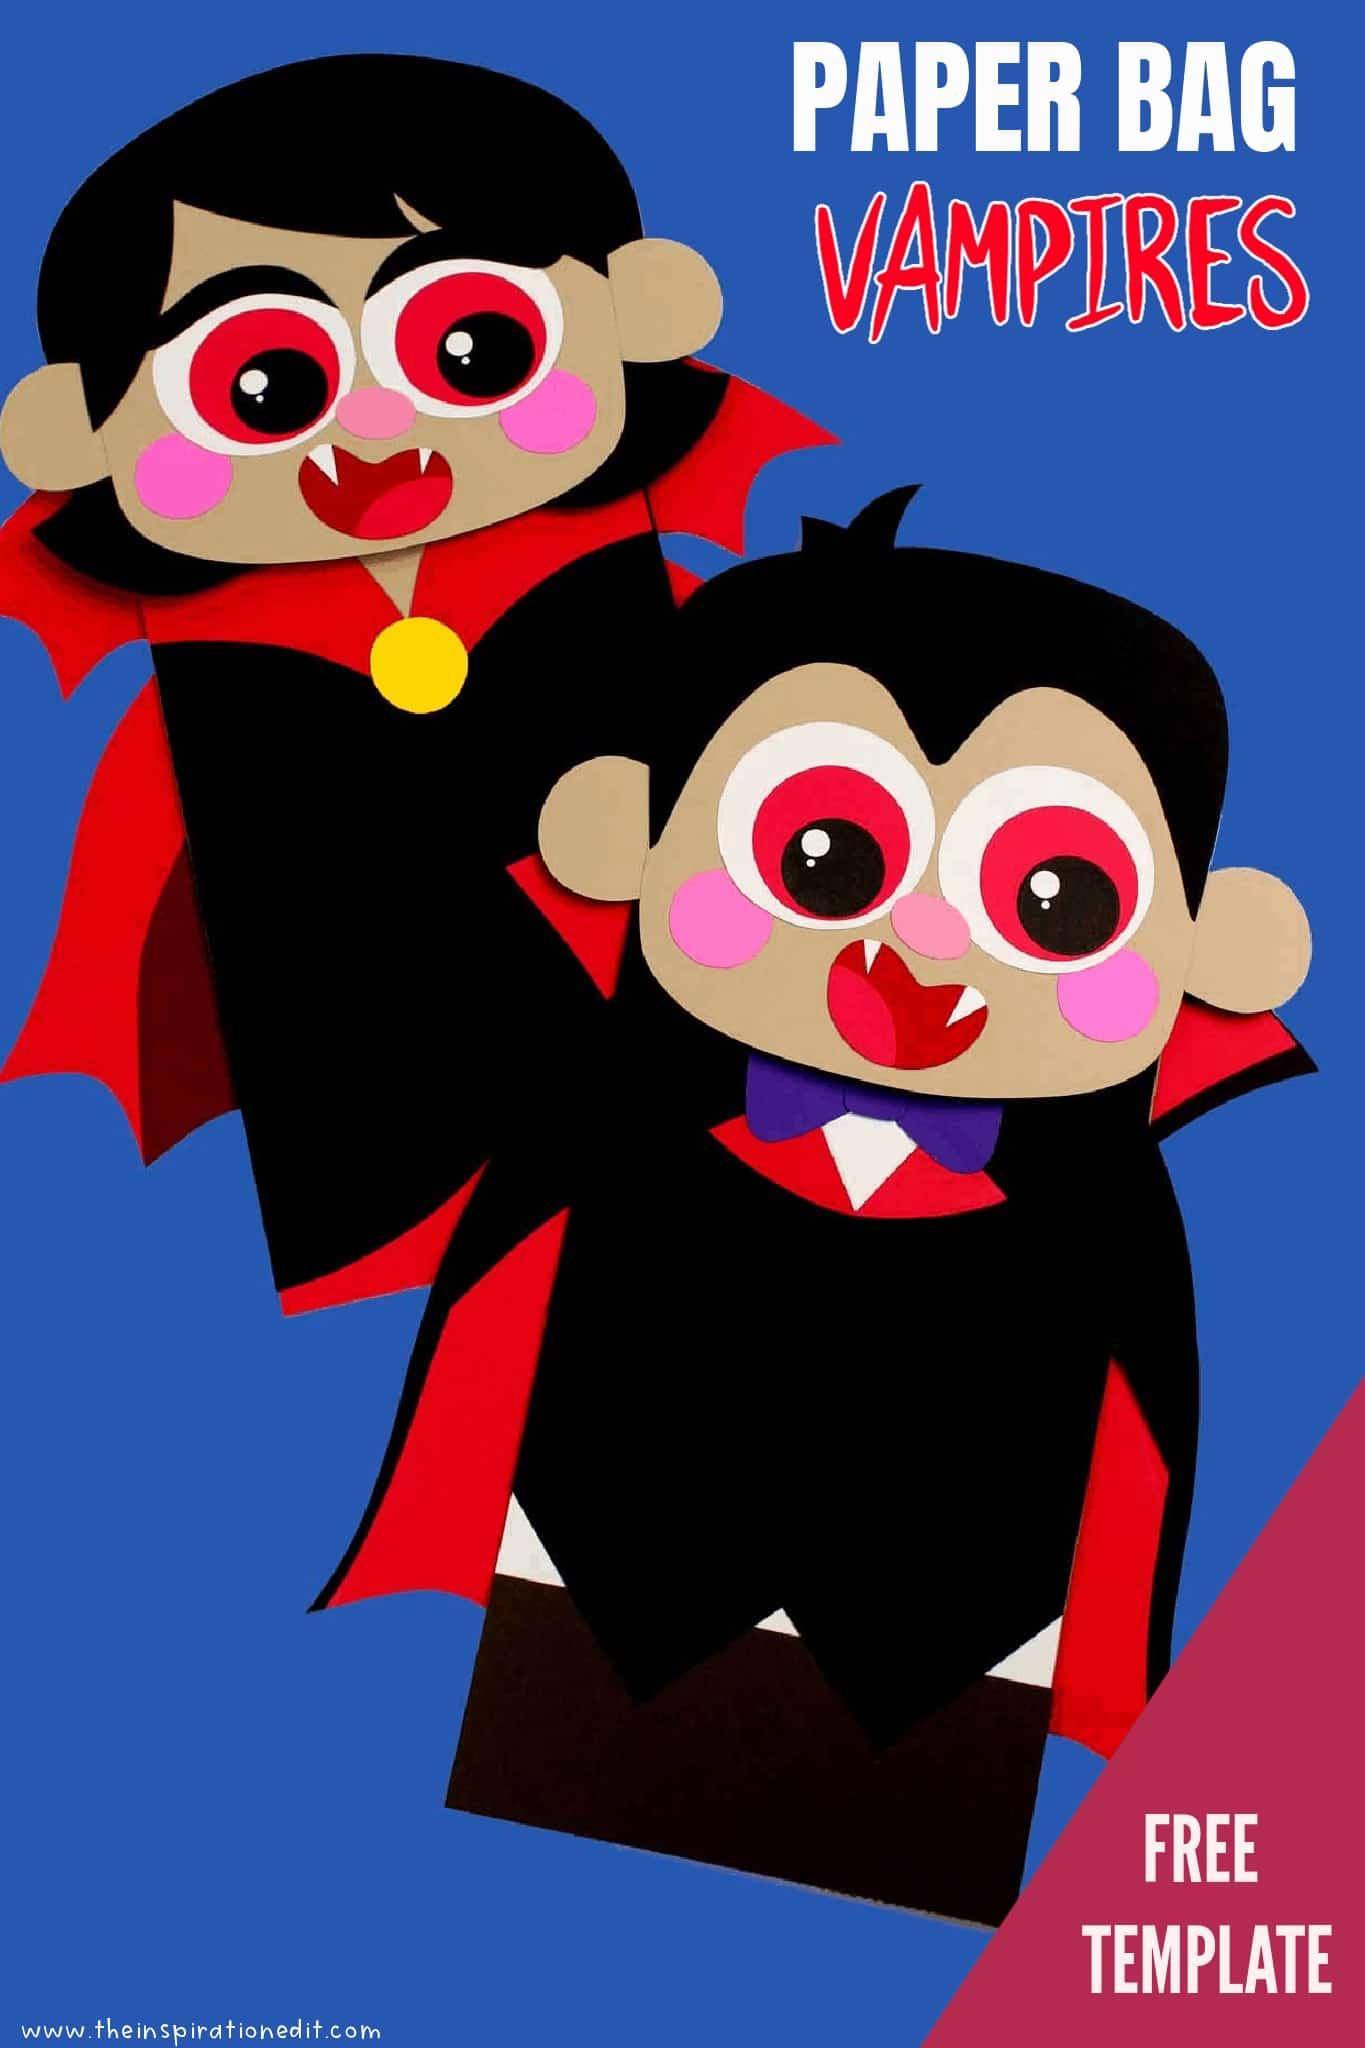 paper bag vampires